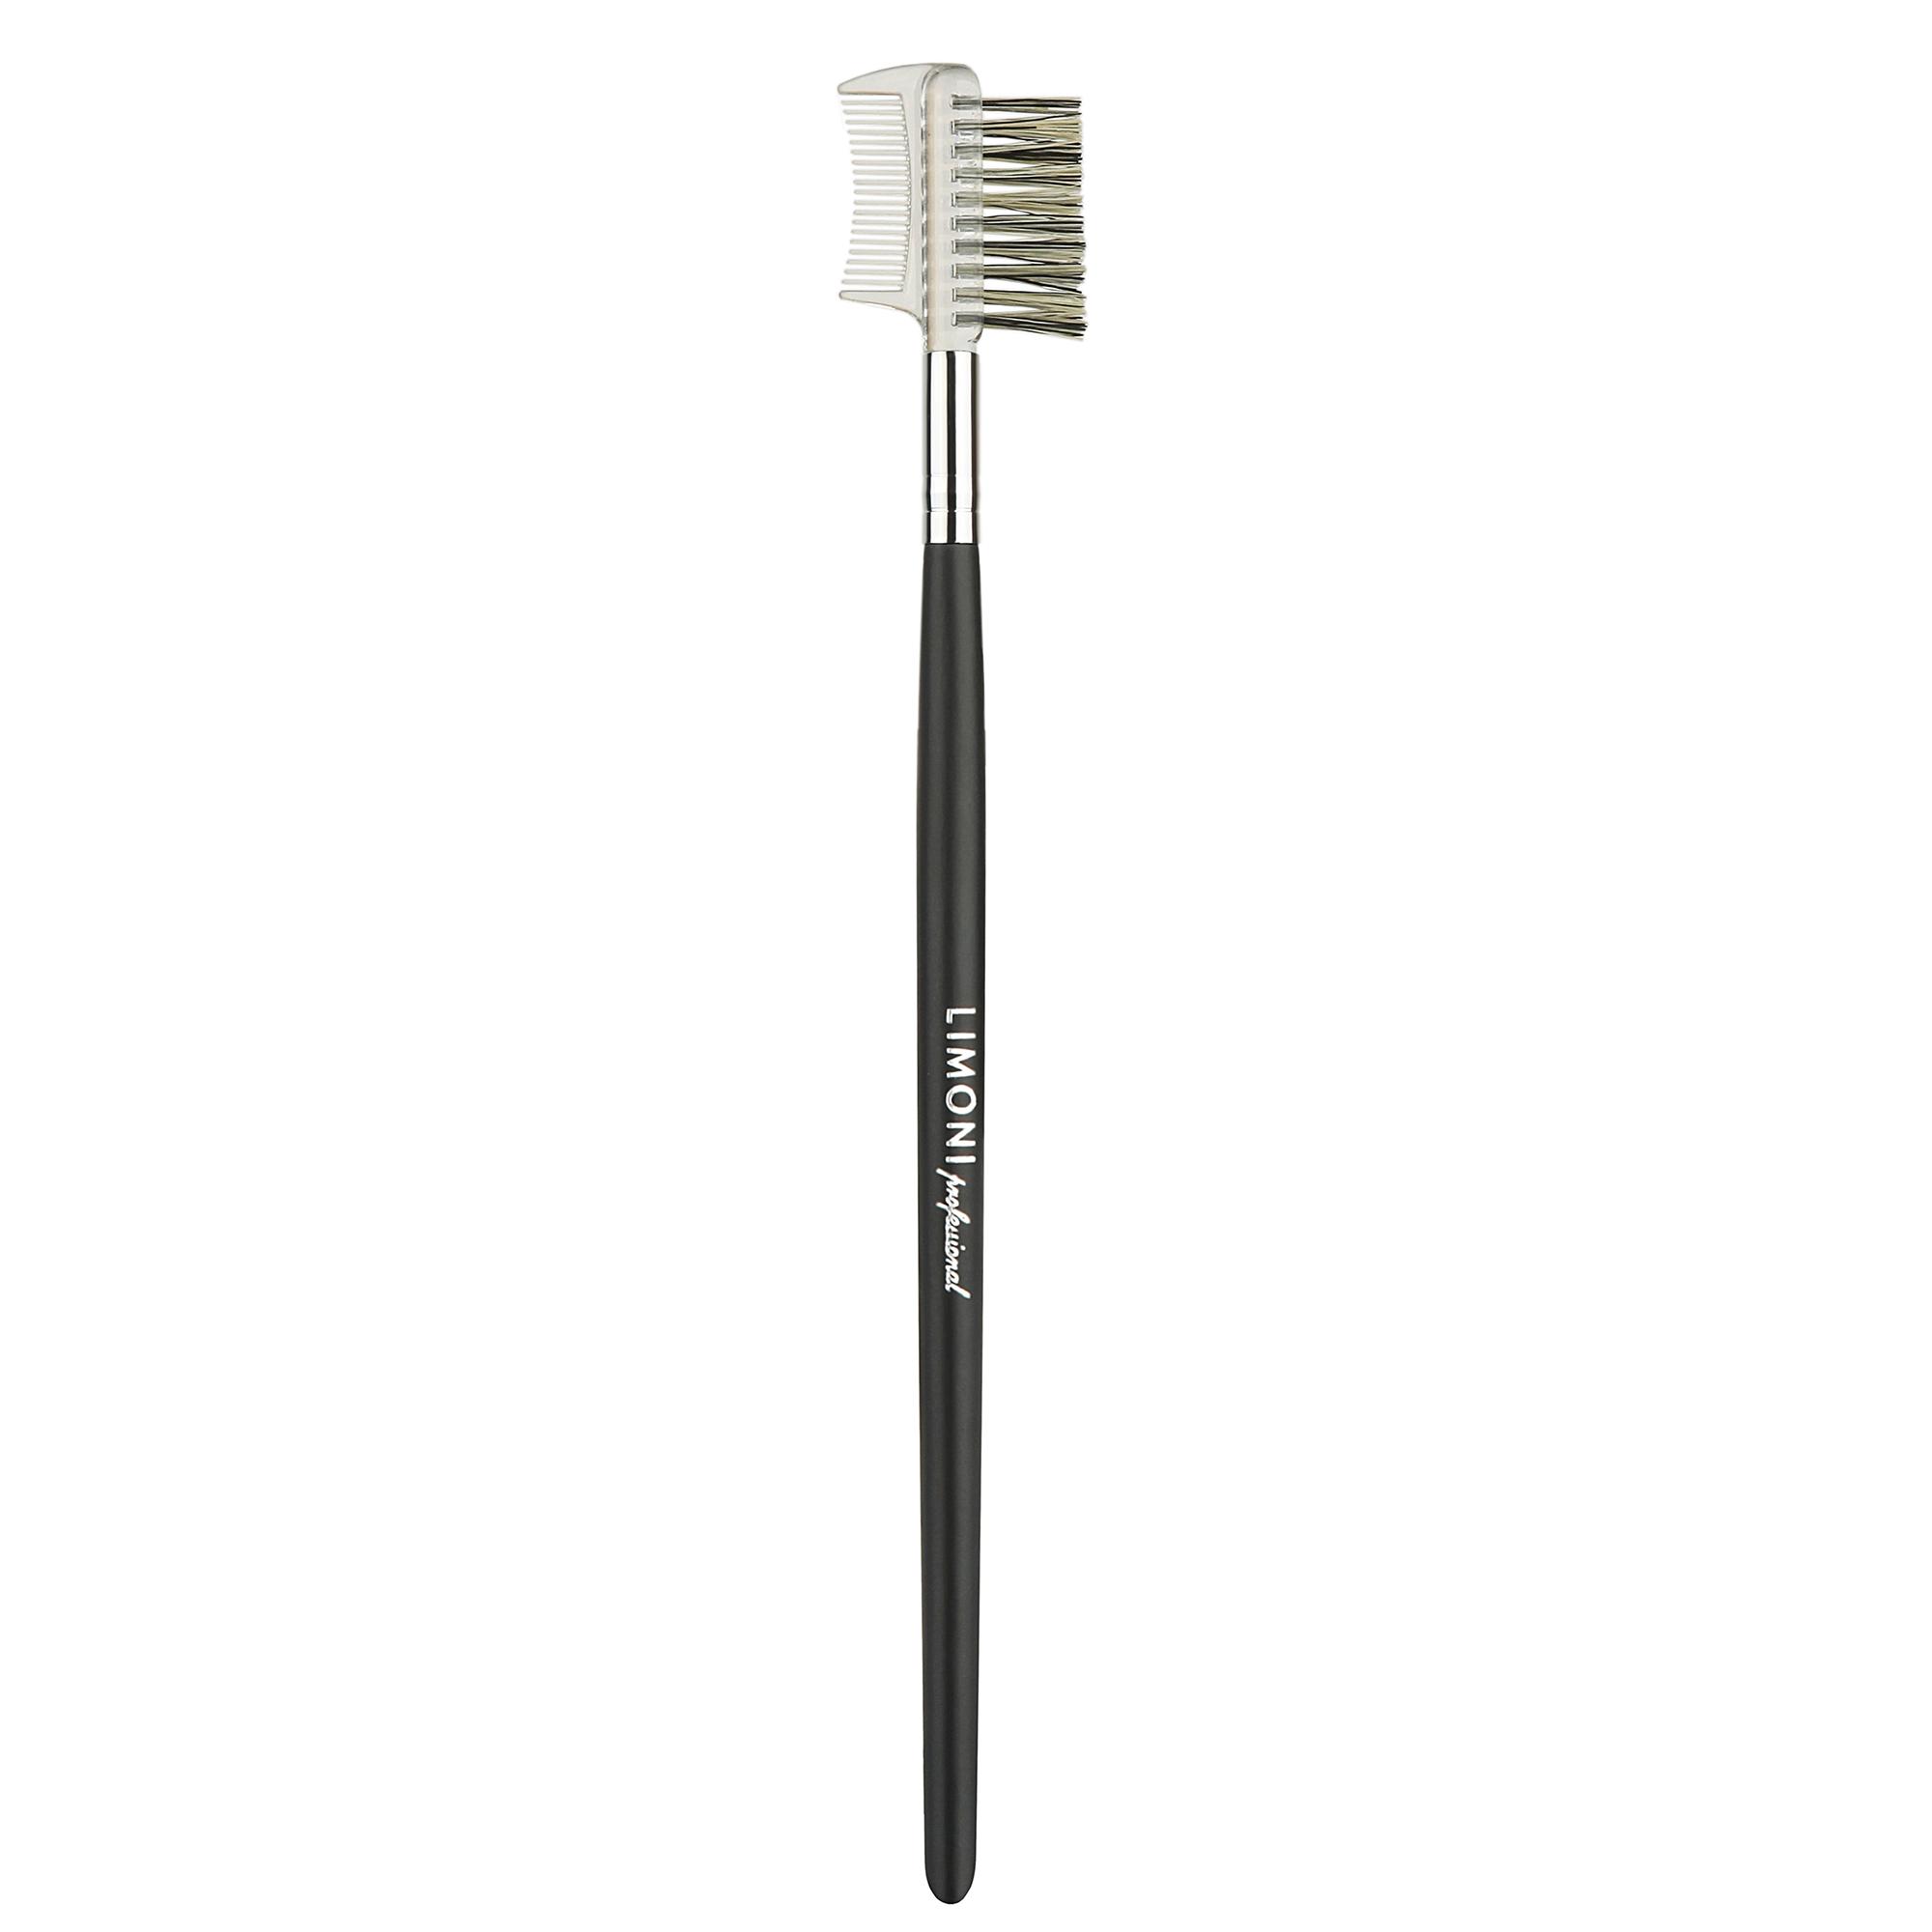 LIMONI Кисть расческа-щетка  23 / ProfessionalКисти<br>Расчёска   щётка поможет придать аккуратную форму ресницам и бровям, создавая более ухоженный вид. Расчёской можно разделить ресницы, удалив с них излишки туши, а щёточкой причесать брови, придать им более аккуратную форму и растушевать карандаш для естественного макияжа. Способ применения: расчешите ресницы стороной с расчёской. Для ухода за бровями   прочешите волоски и уложите в желаемую форму. Ворс: щетина Ручка: матовое дерево<br>